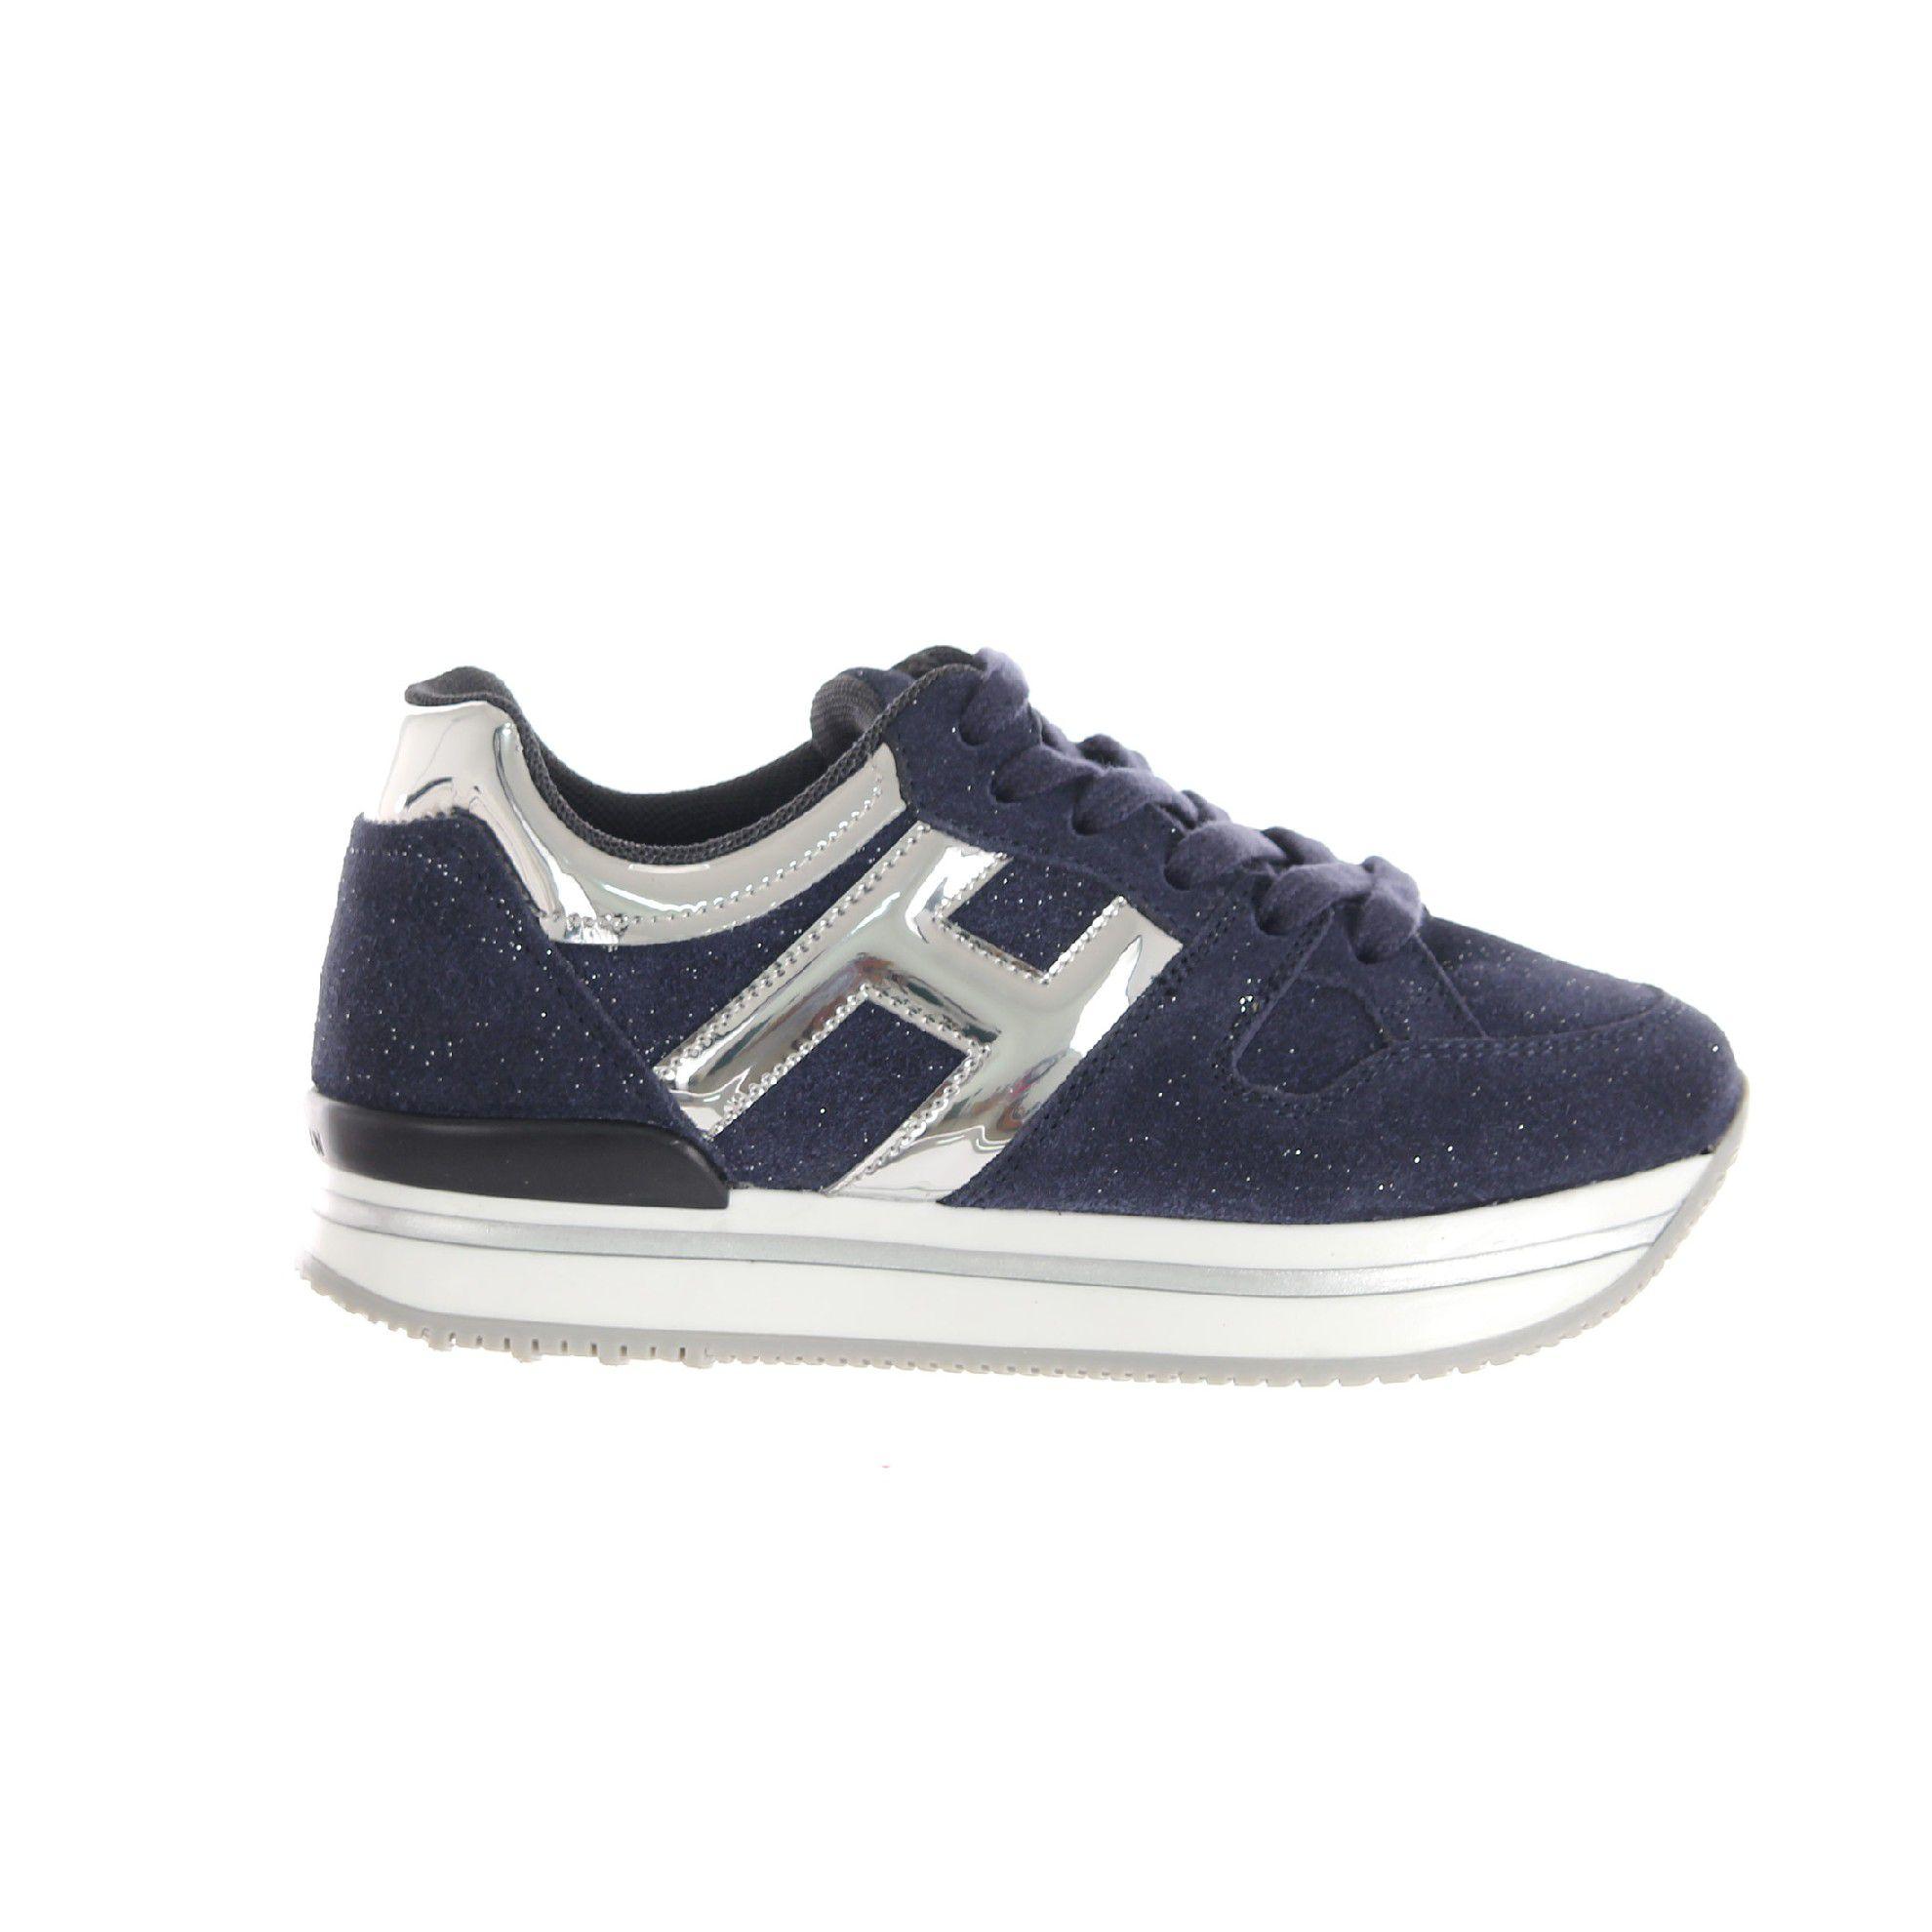 Hogan sneaker h222 in camoscio shiny e pelle metal da bambina